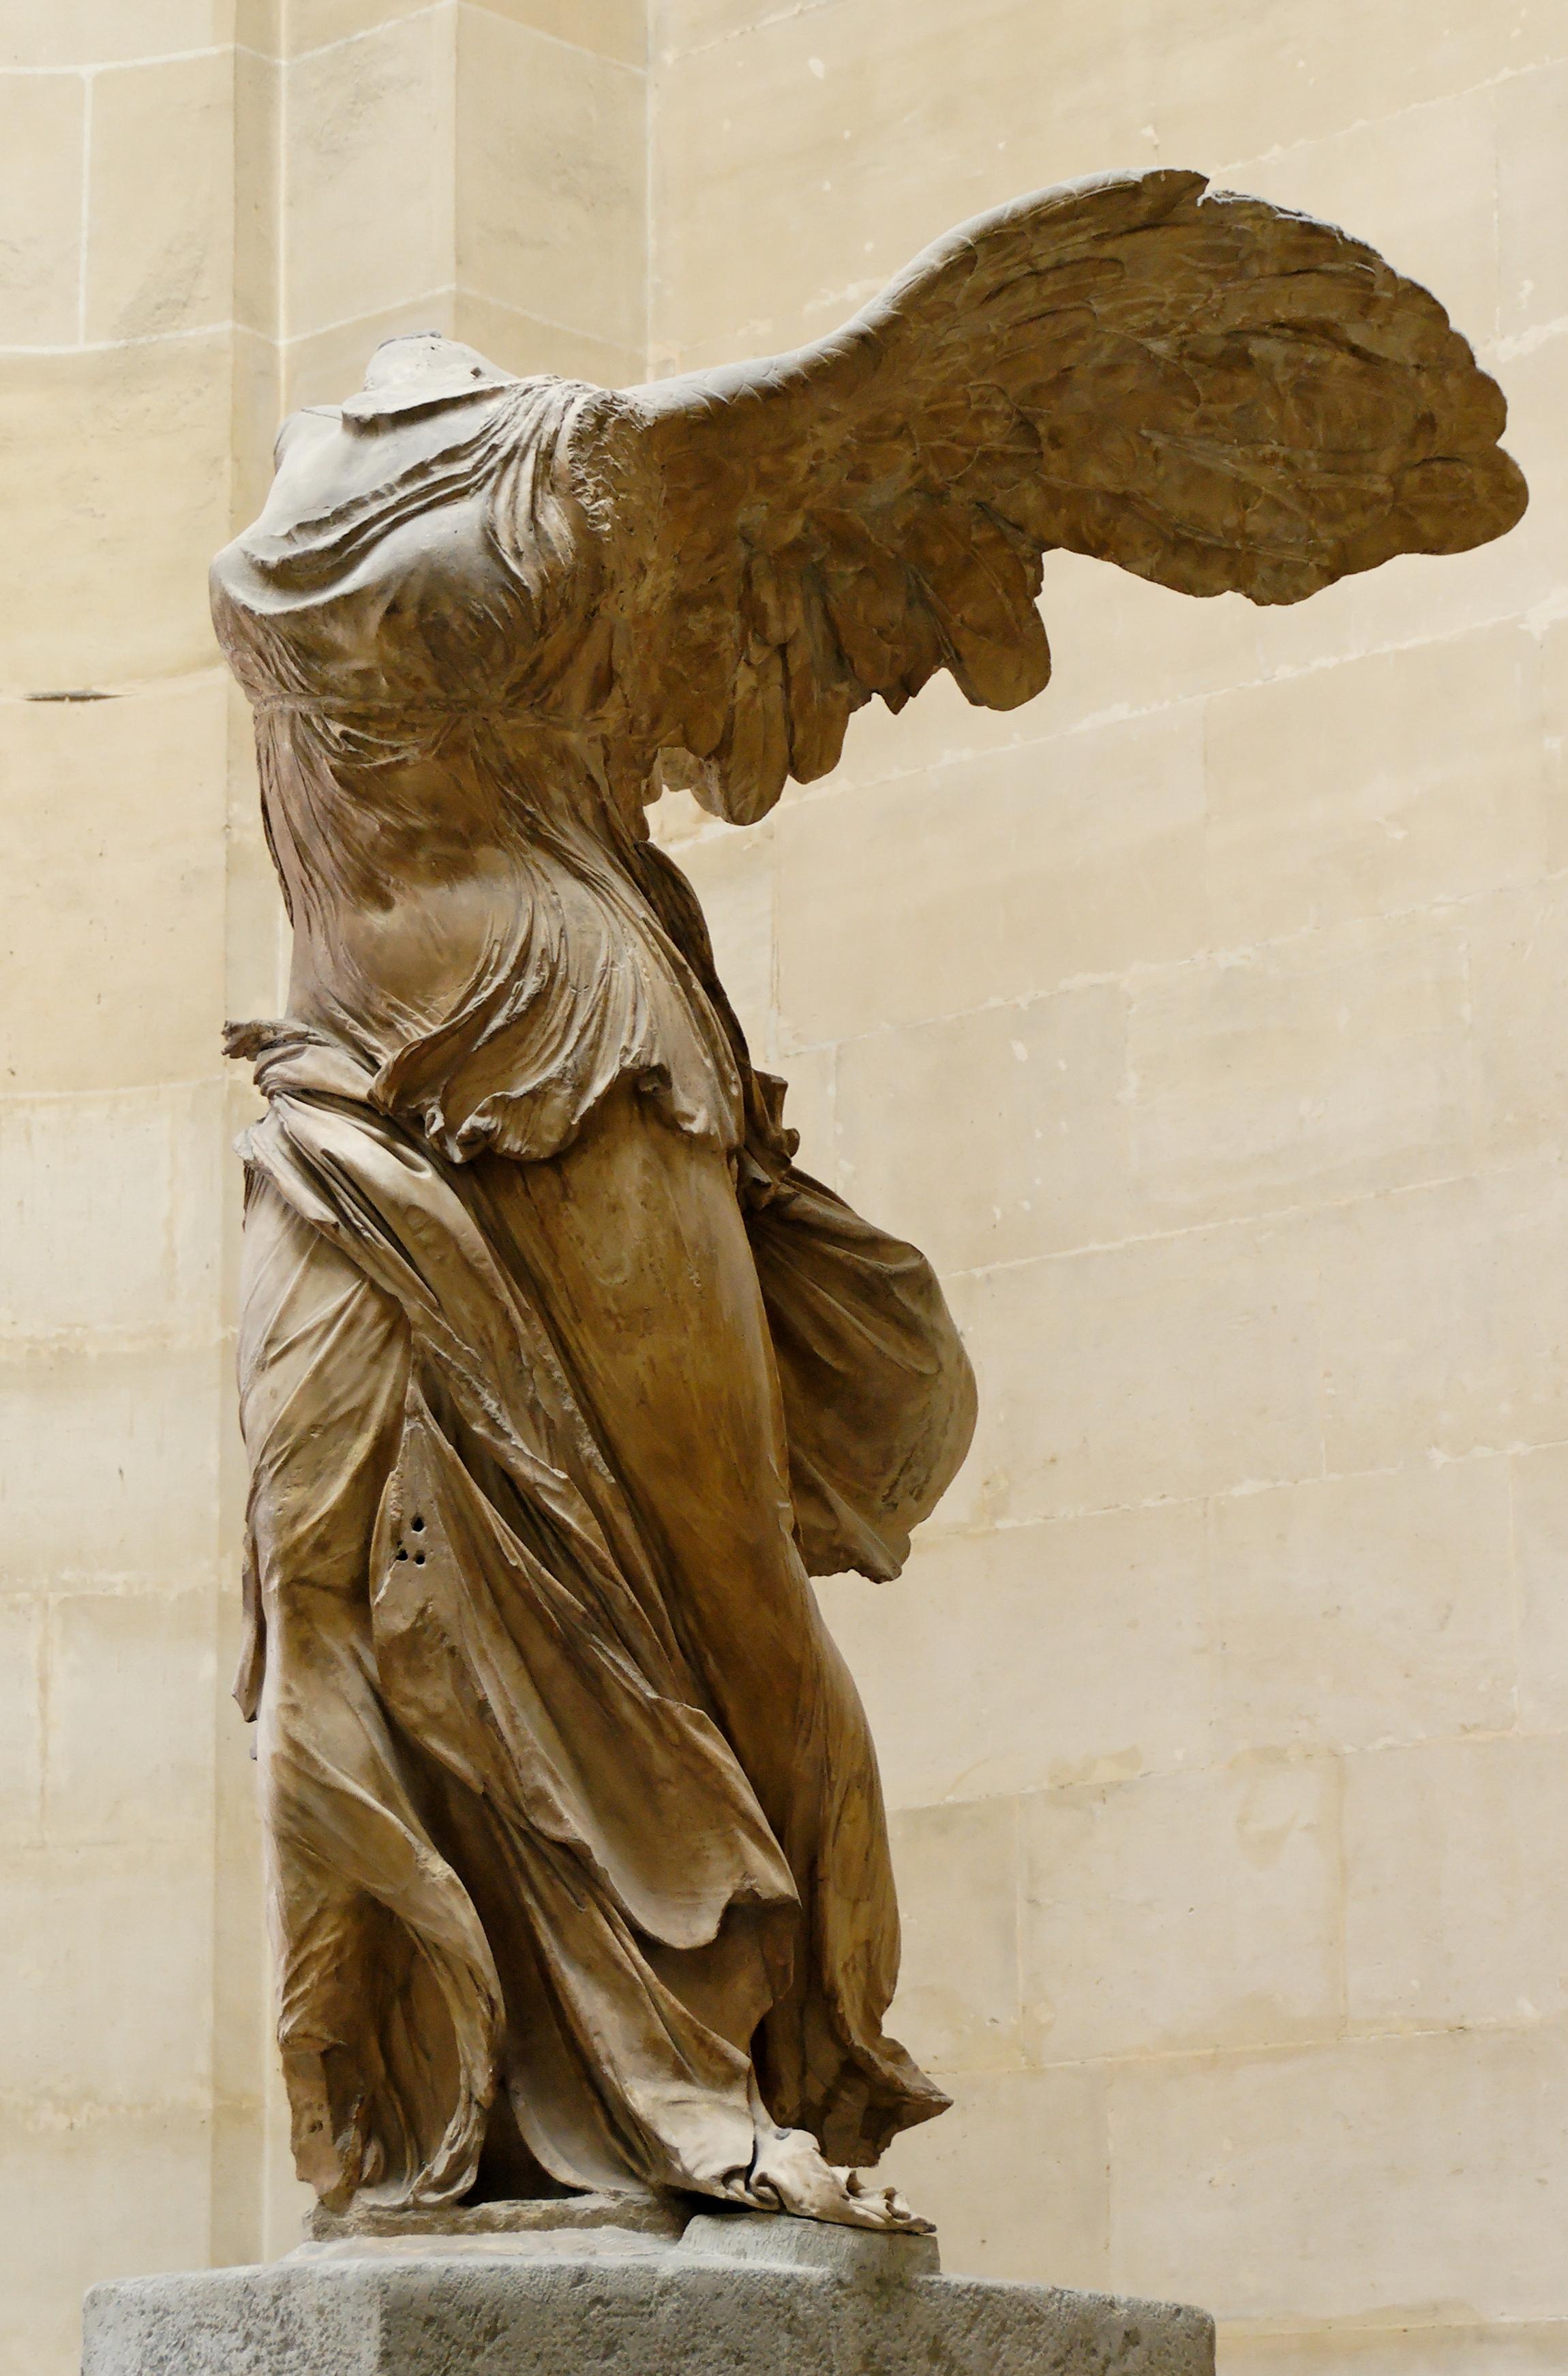 https://i1.wp.com/upload.wikimedia.org/wikipedia/commons/5/5f/Nike_of_Samothrake_Louvre_Ma2369_n4.jpg